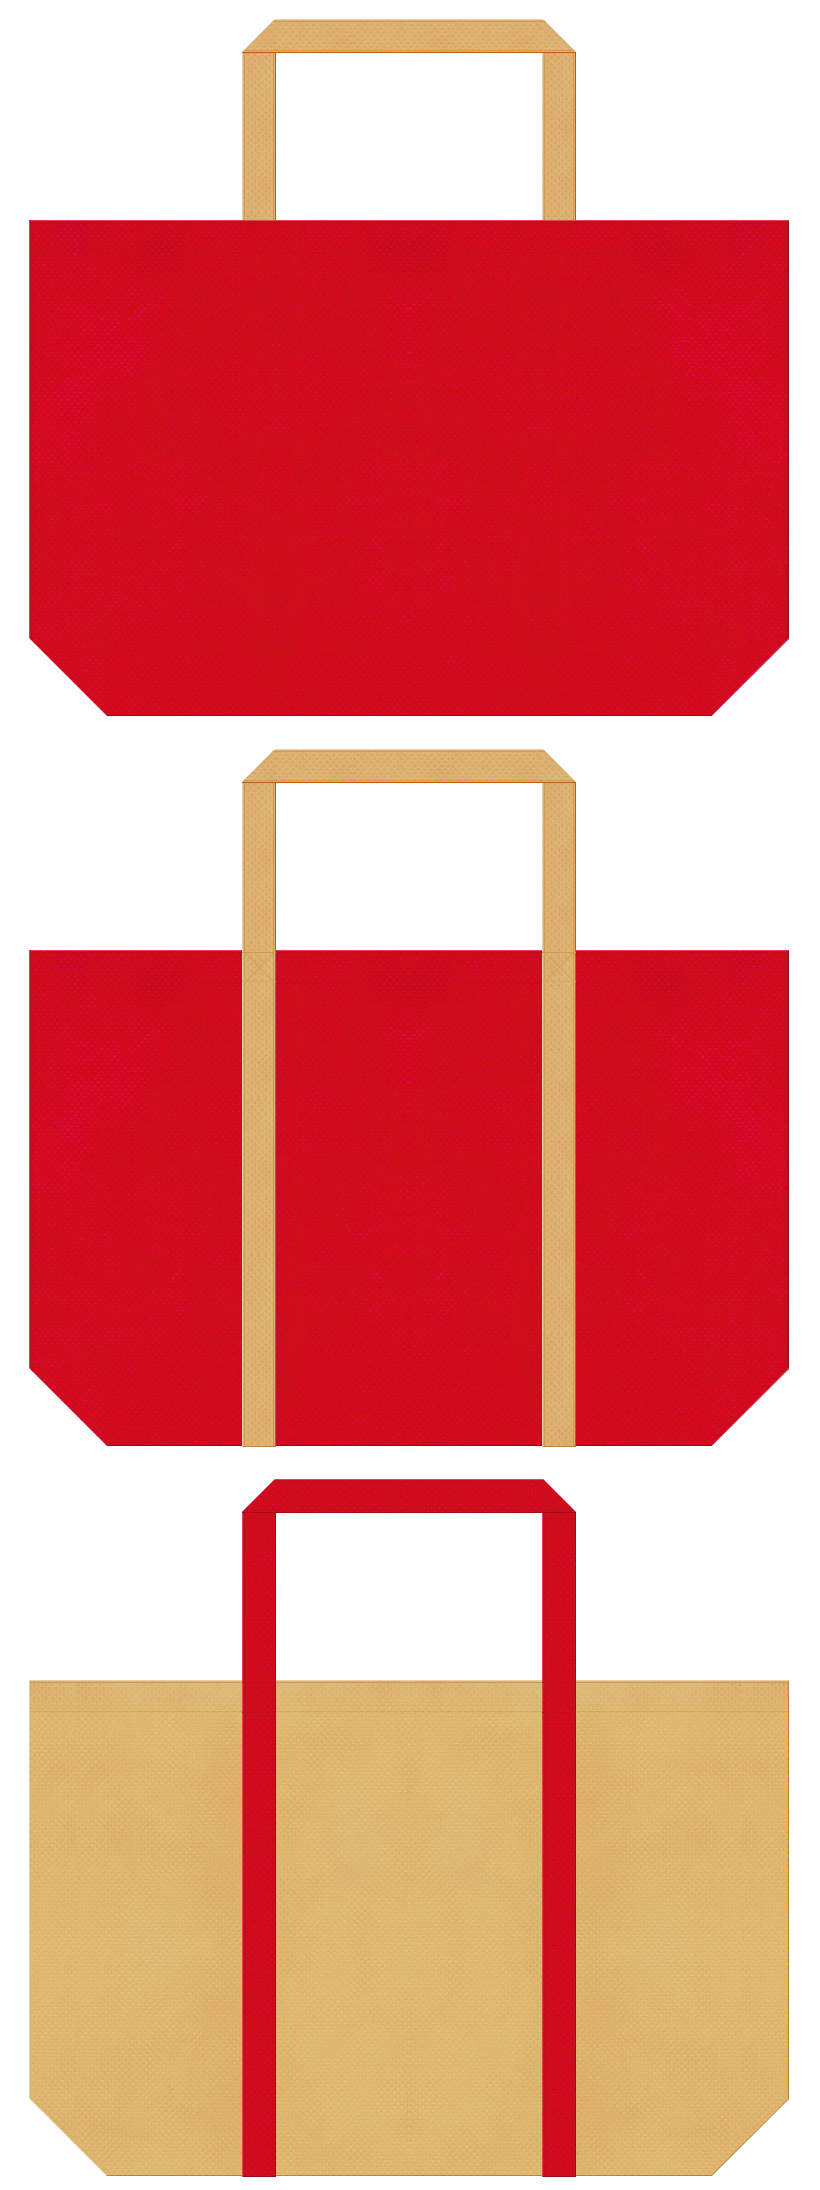 福袋にお奨めの不織布バッグデザイン:紅色と薄黄土色のコーデ